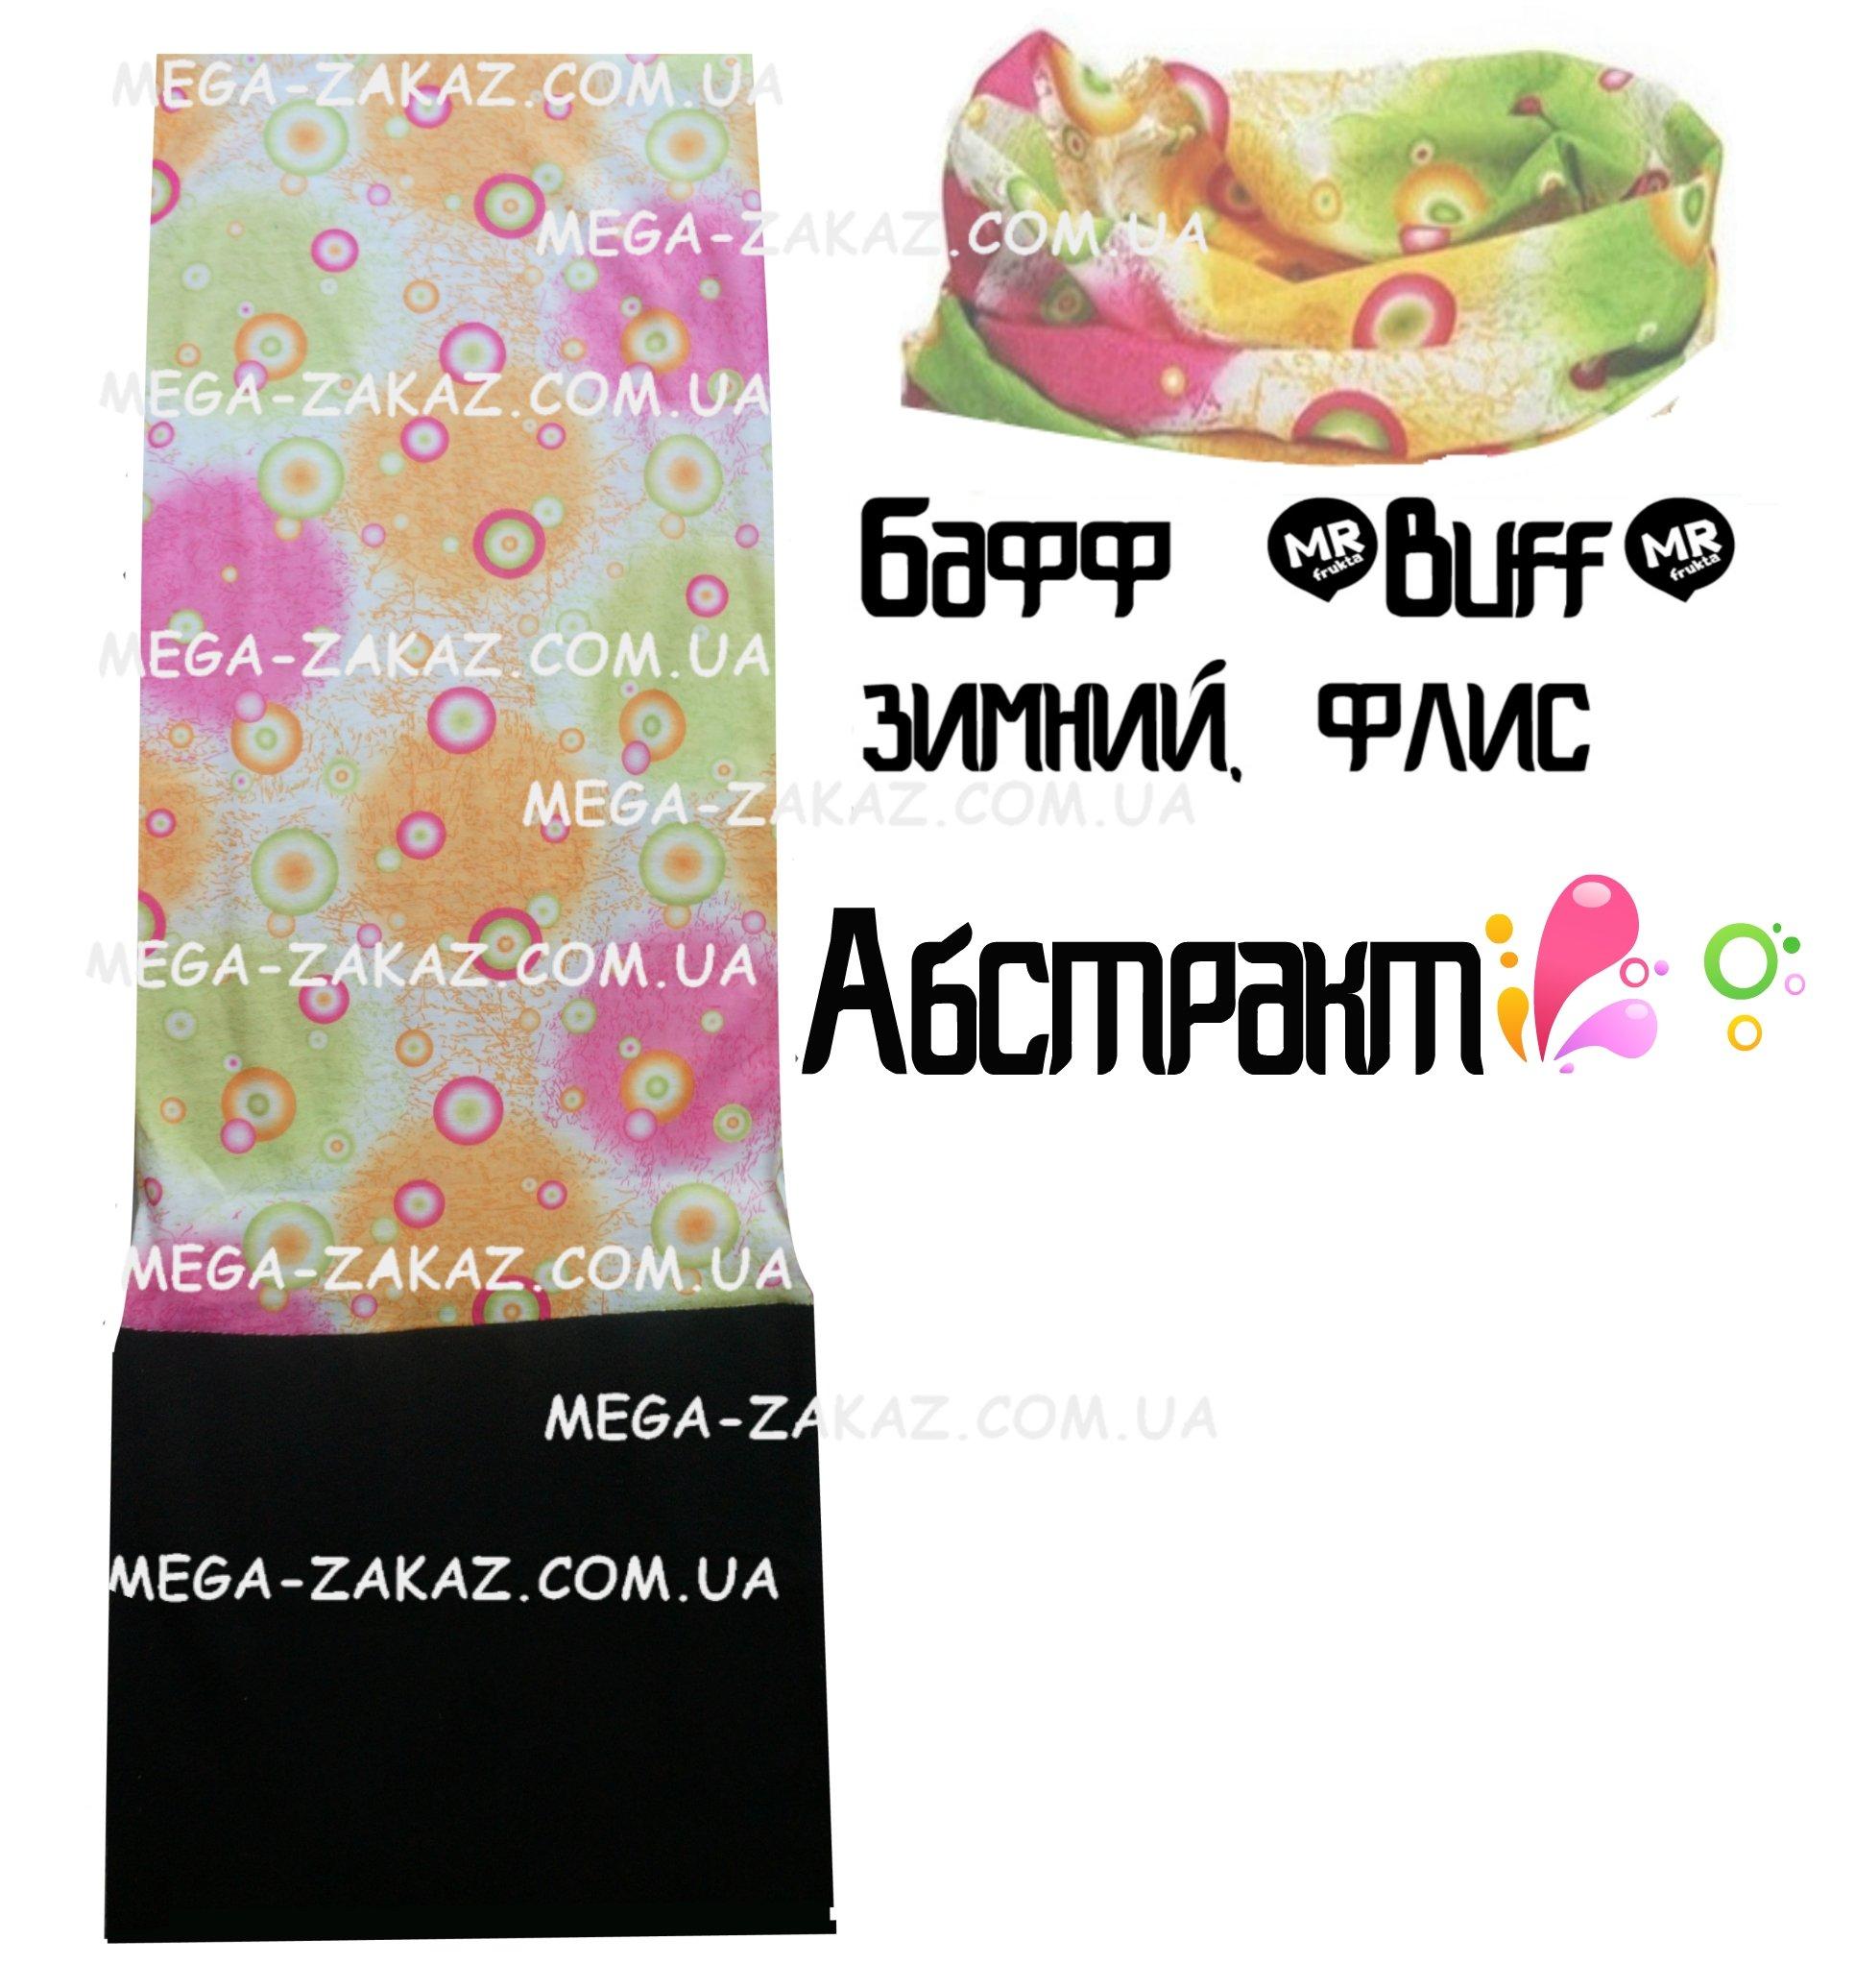 http://mega-zakaz.com.ua/images/upload/buble%20buffZAKAZ.jpg